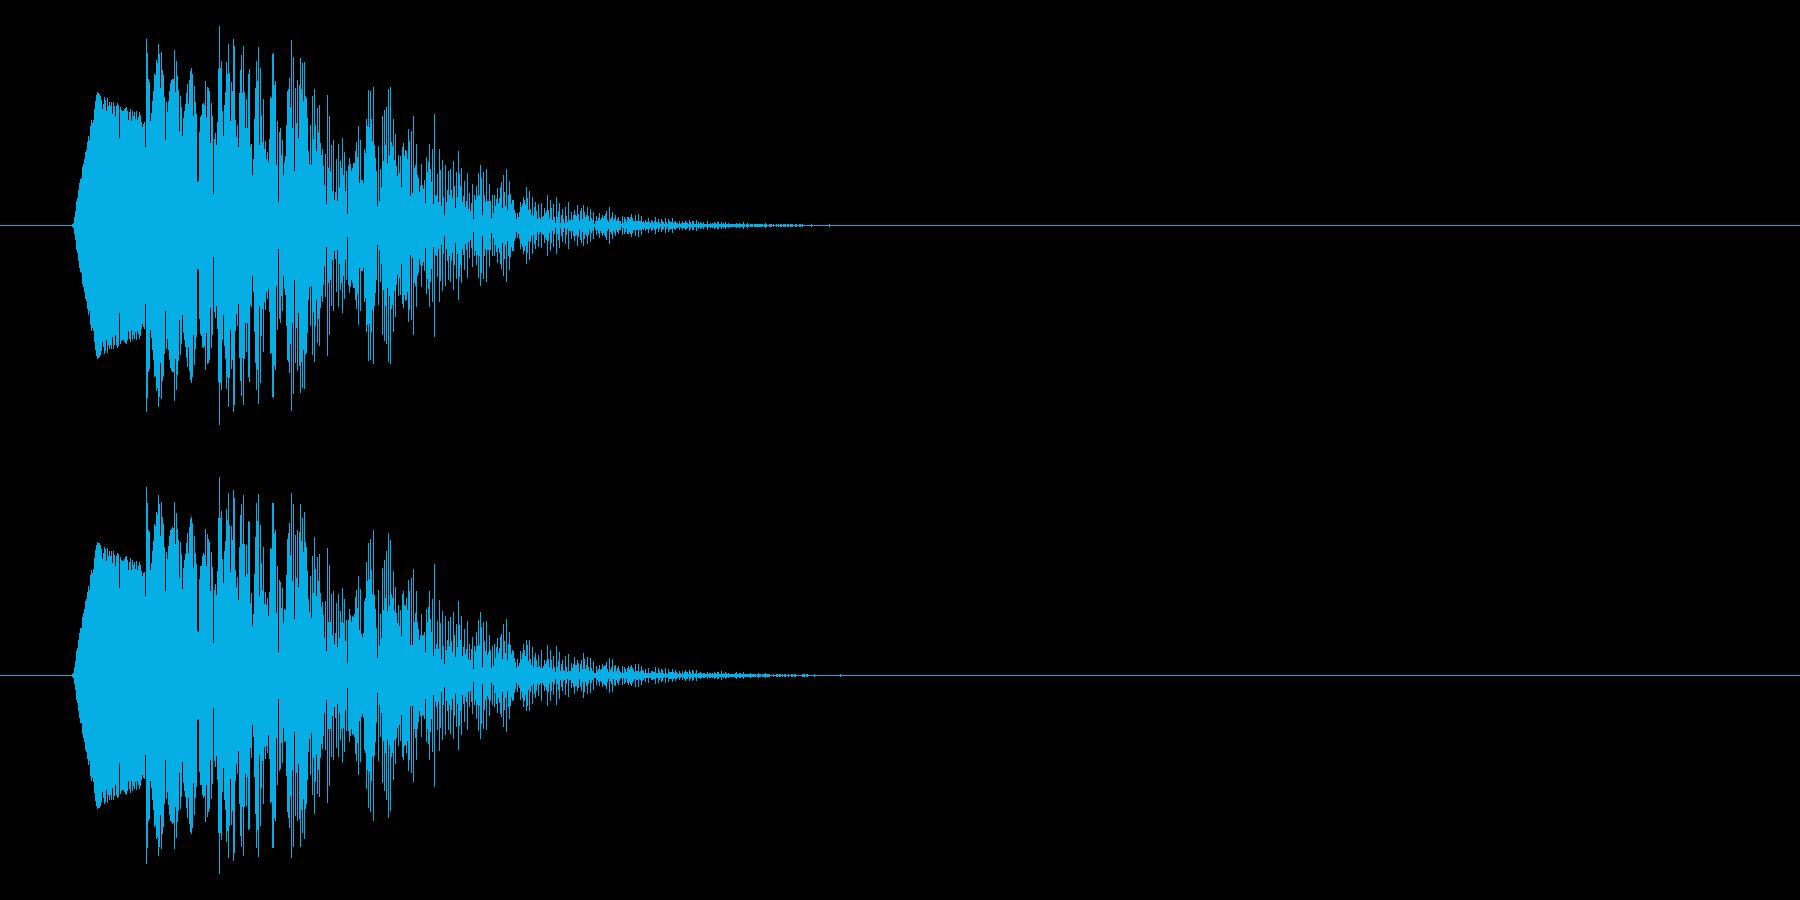 ポップな下降音/低め/残念/キャンセルの再生済みの波形